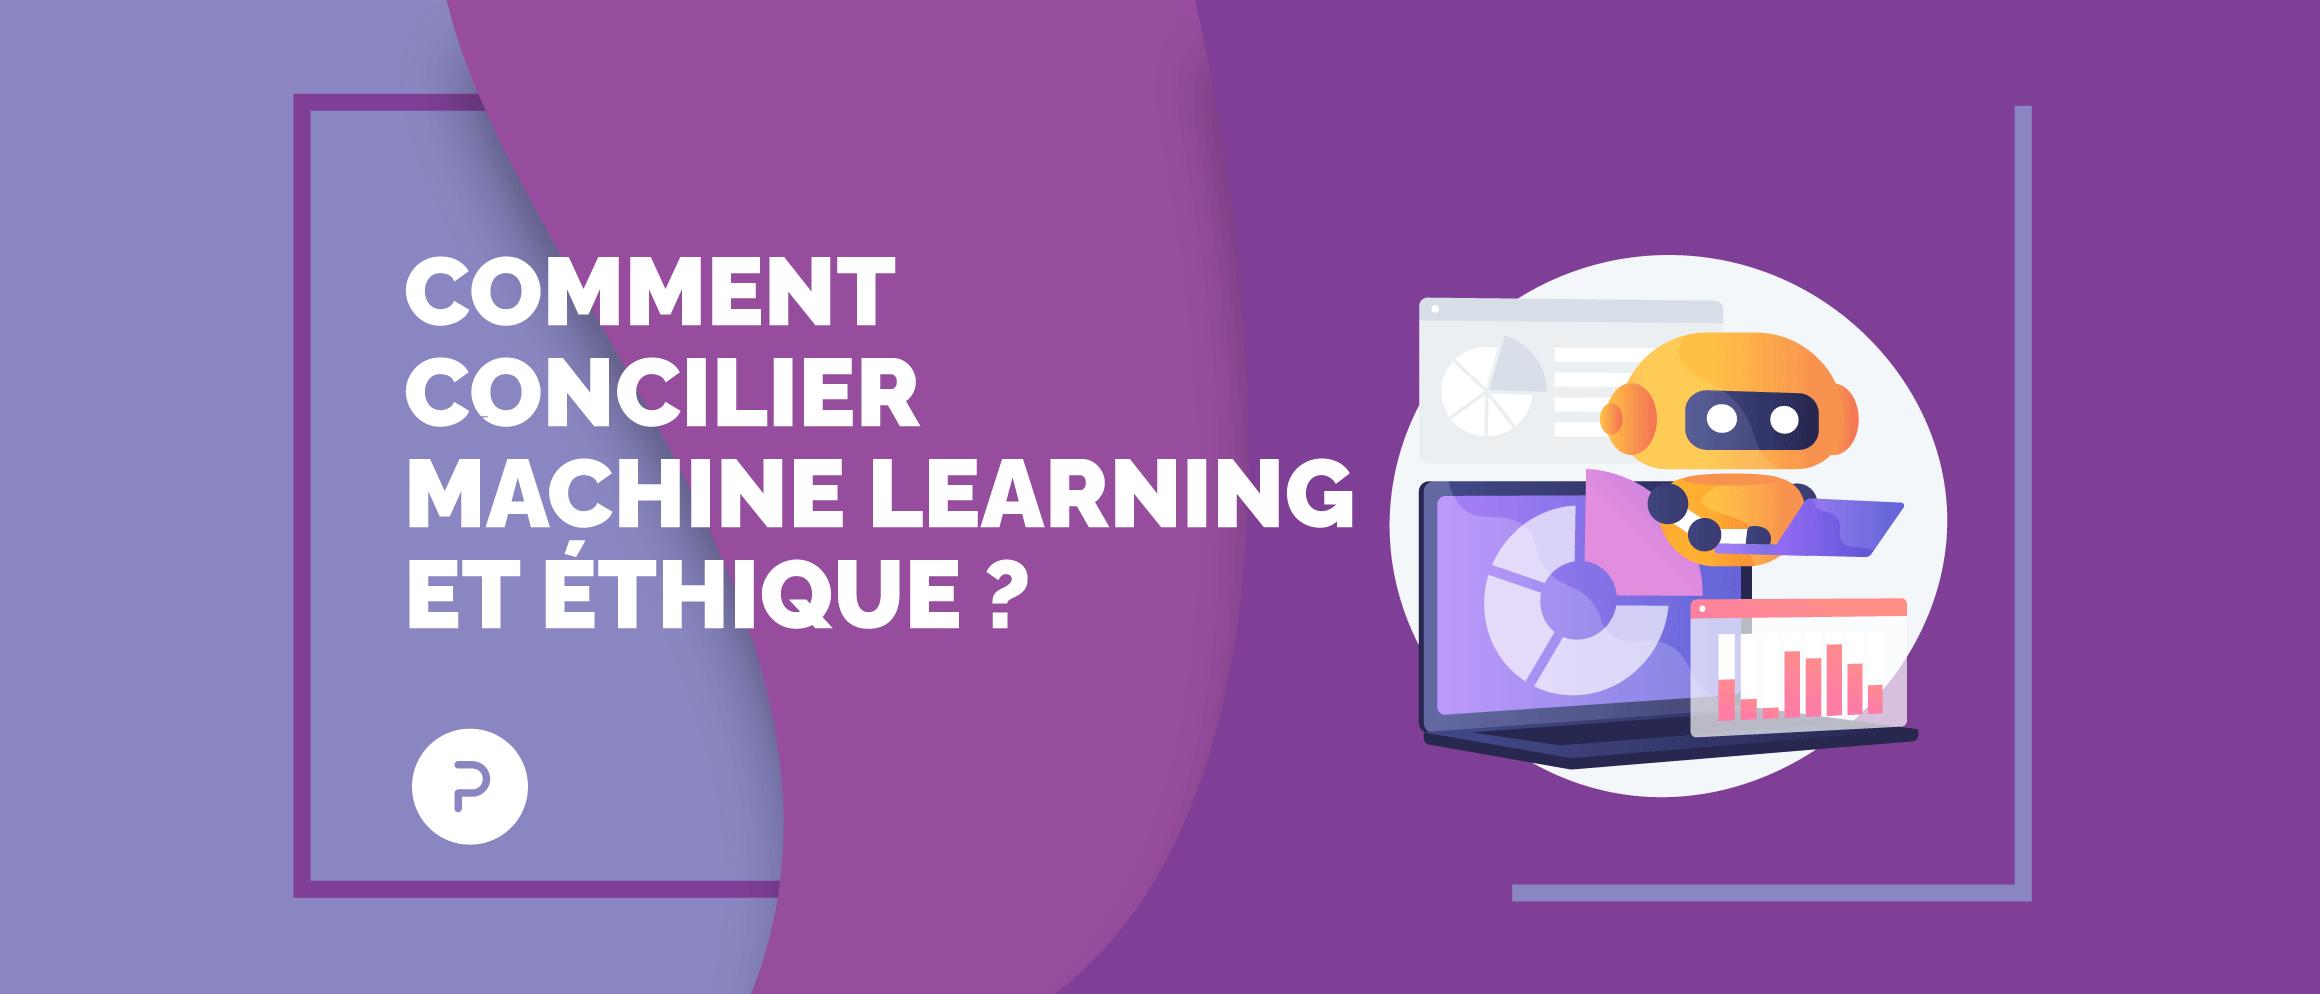 Machine learning et éthique : comment rendre l'IA plus transparente et contrôler son influence ?